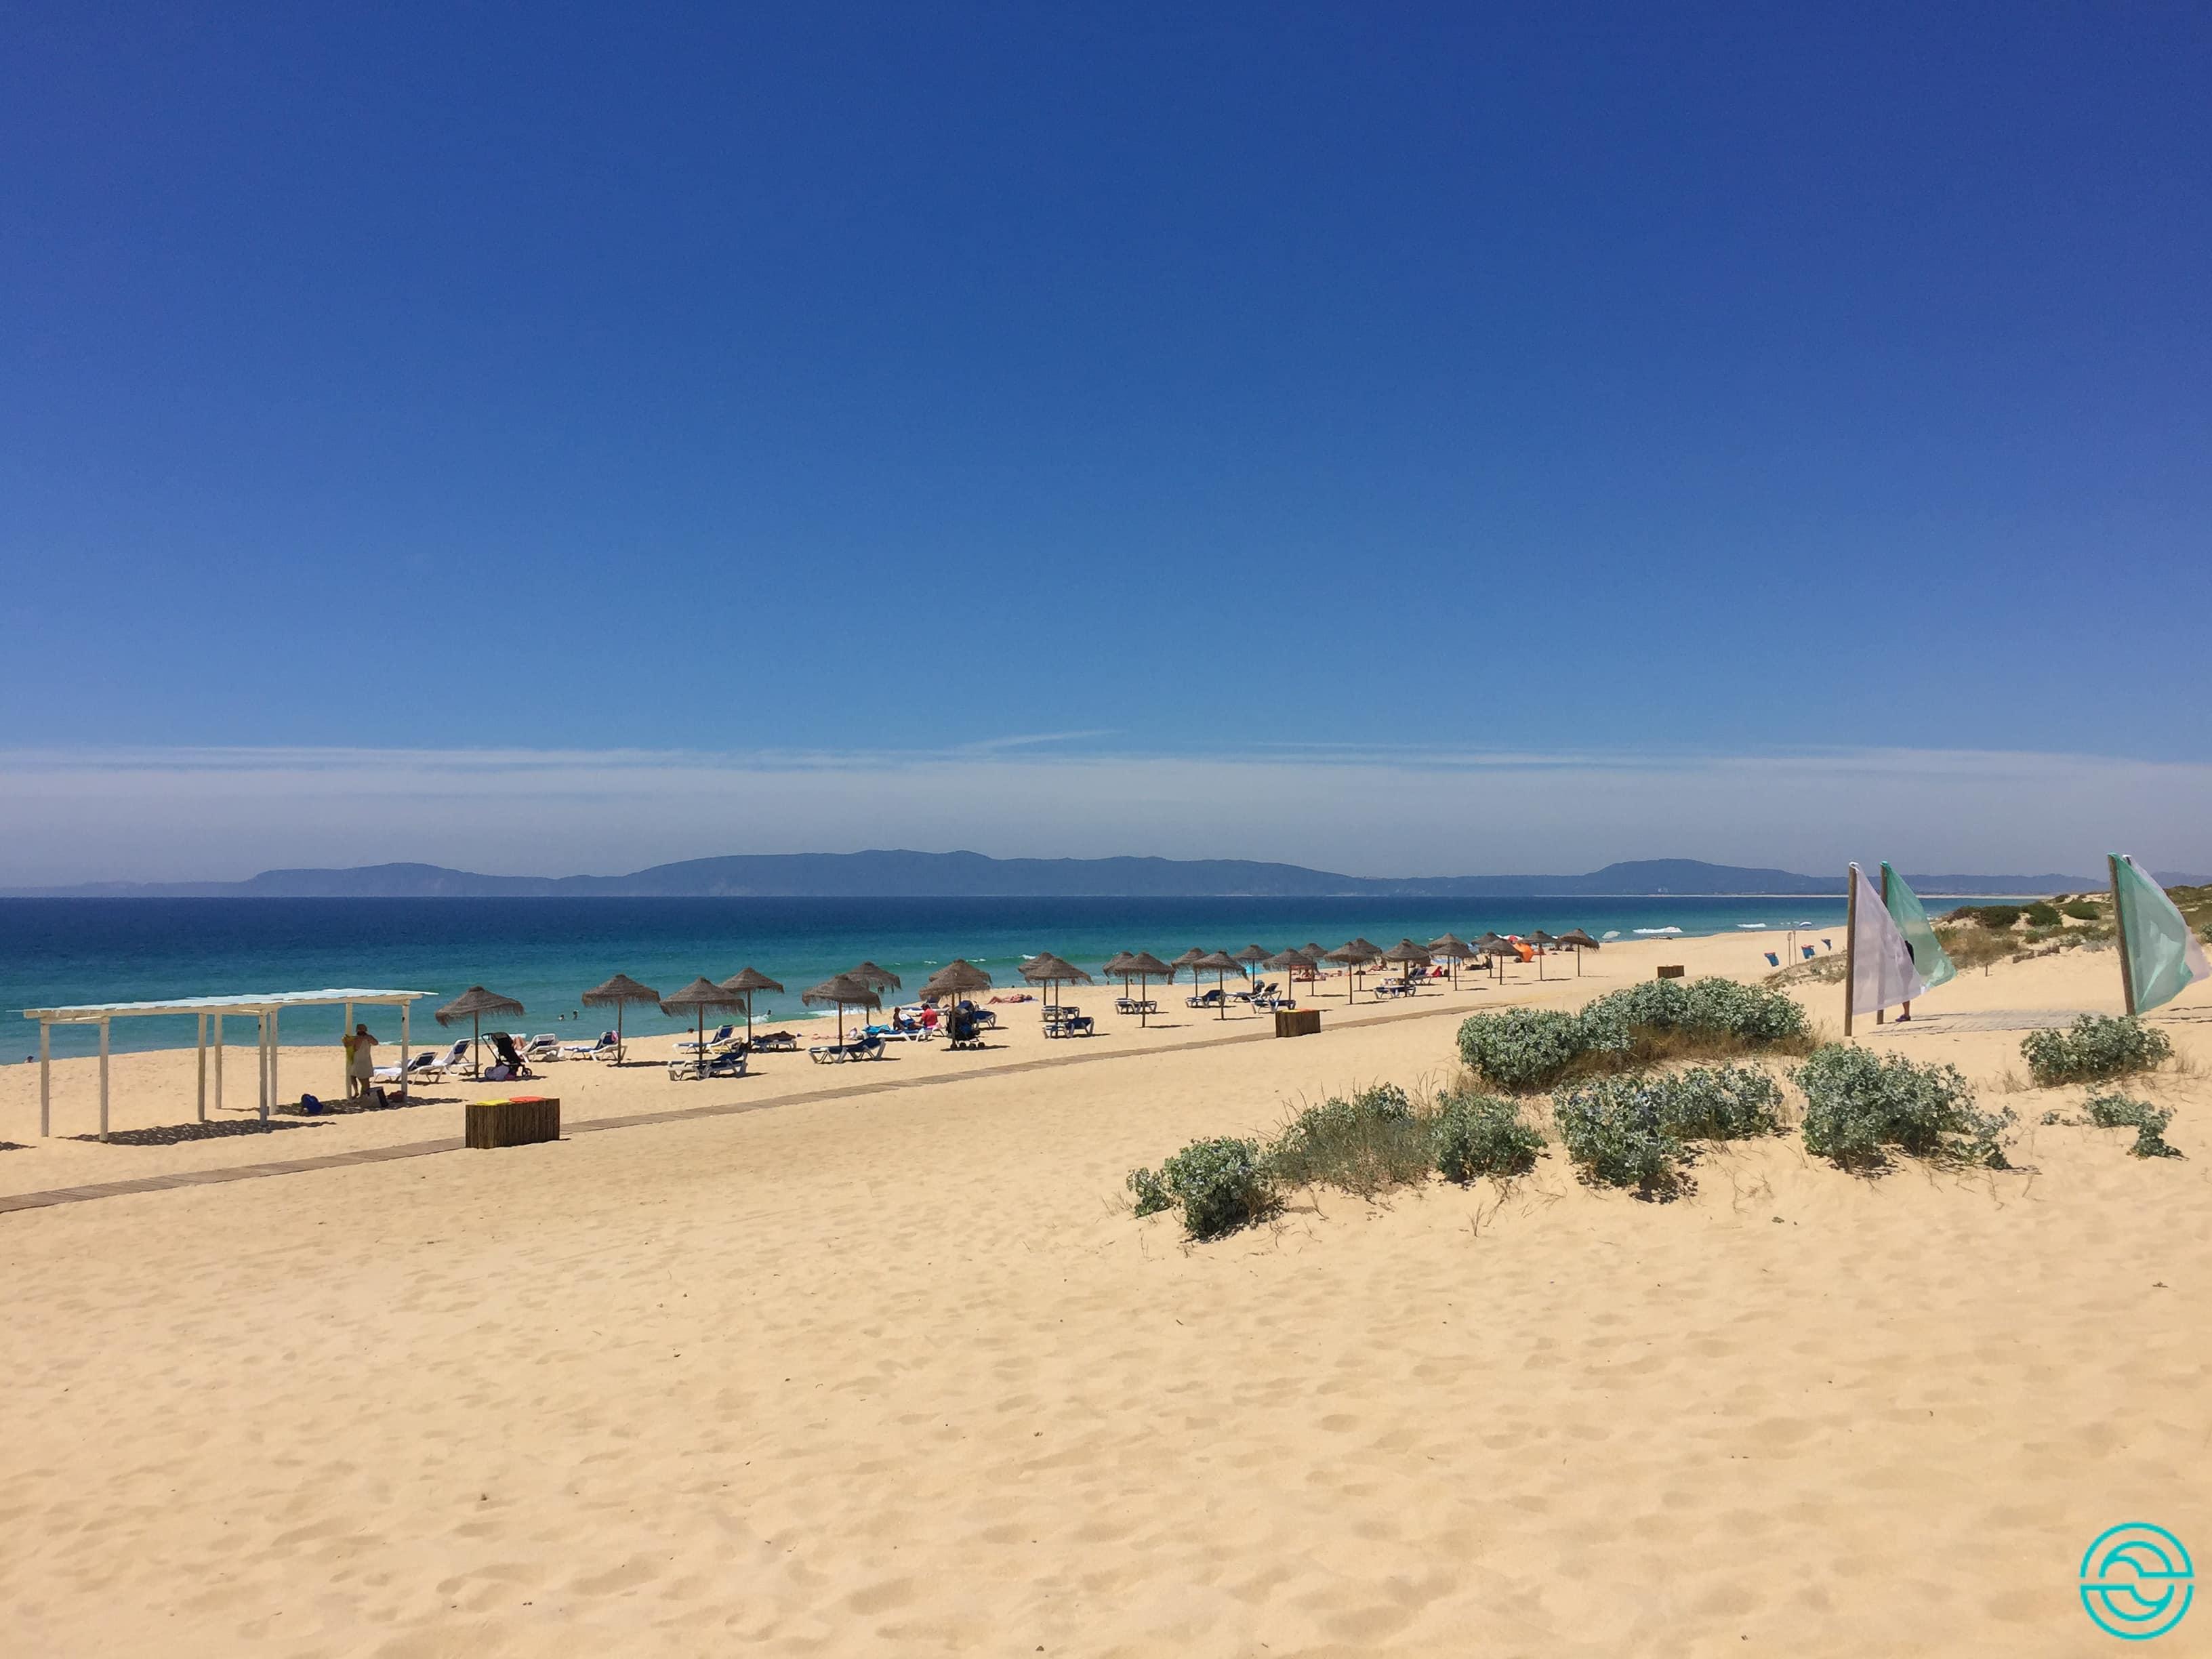 Beaches in Alentejo Comporta